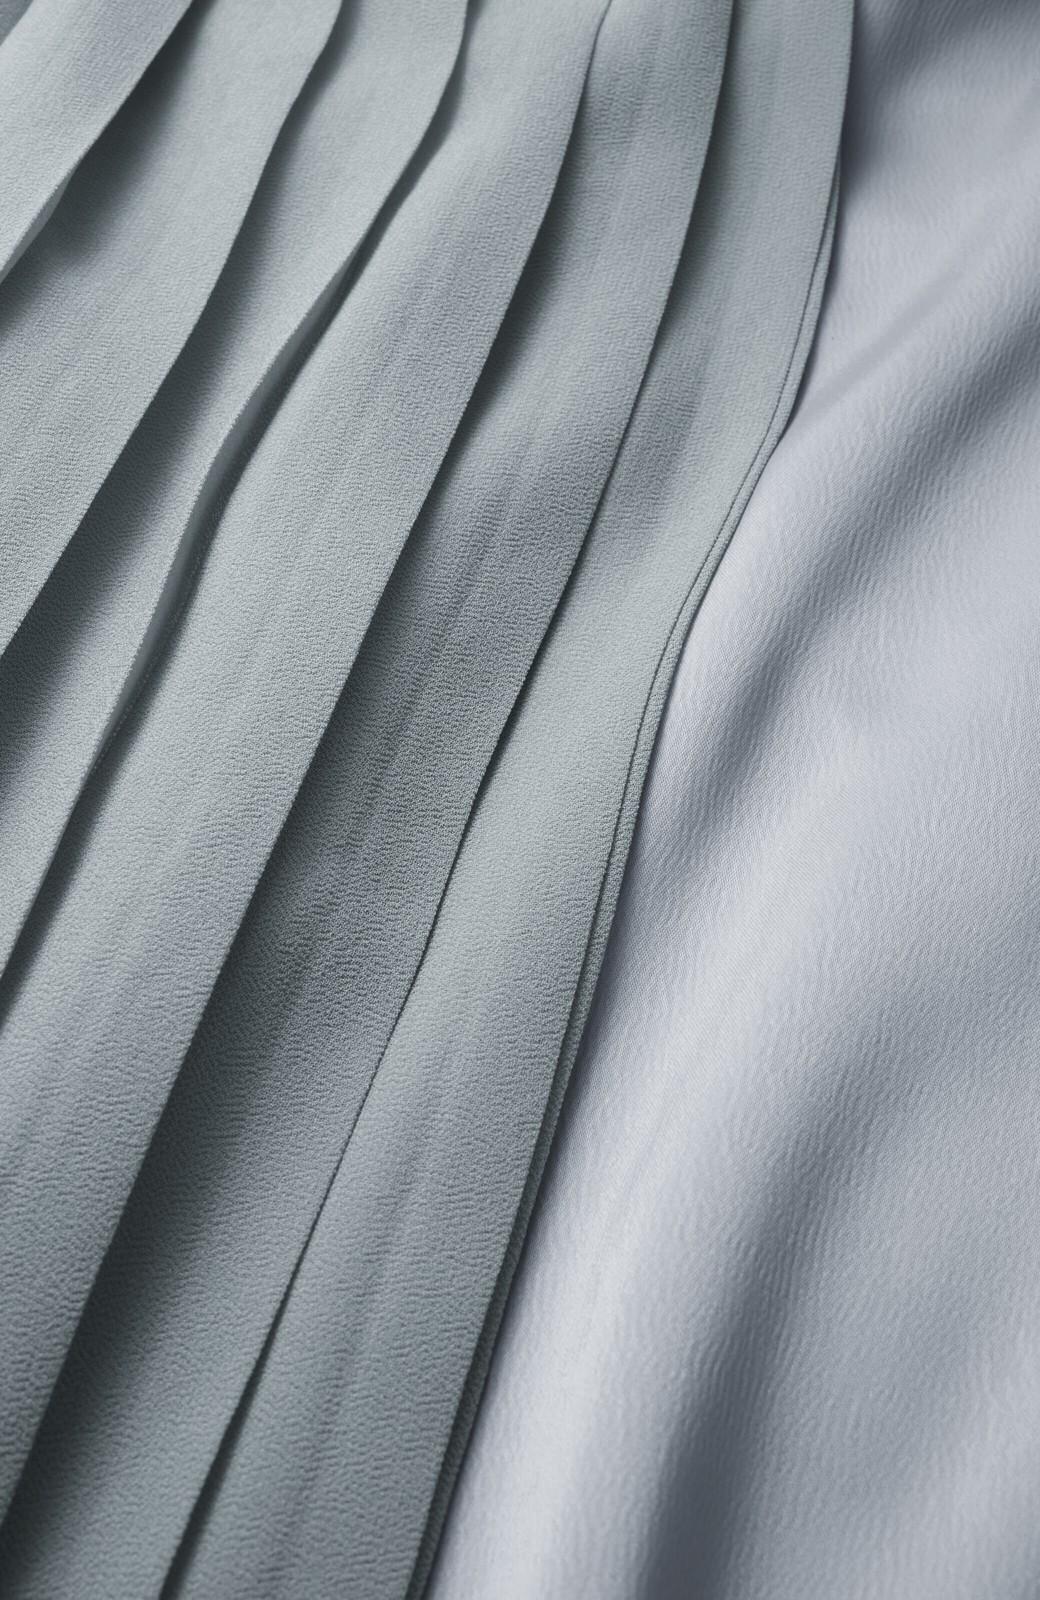 haco! パンツ派さんのデート着 プリーツスカート風にもなる華やかパンツセット <ライトブルーグレー>の商品写真3